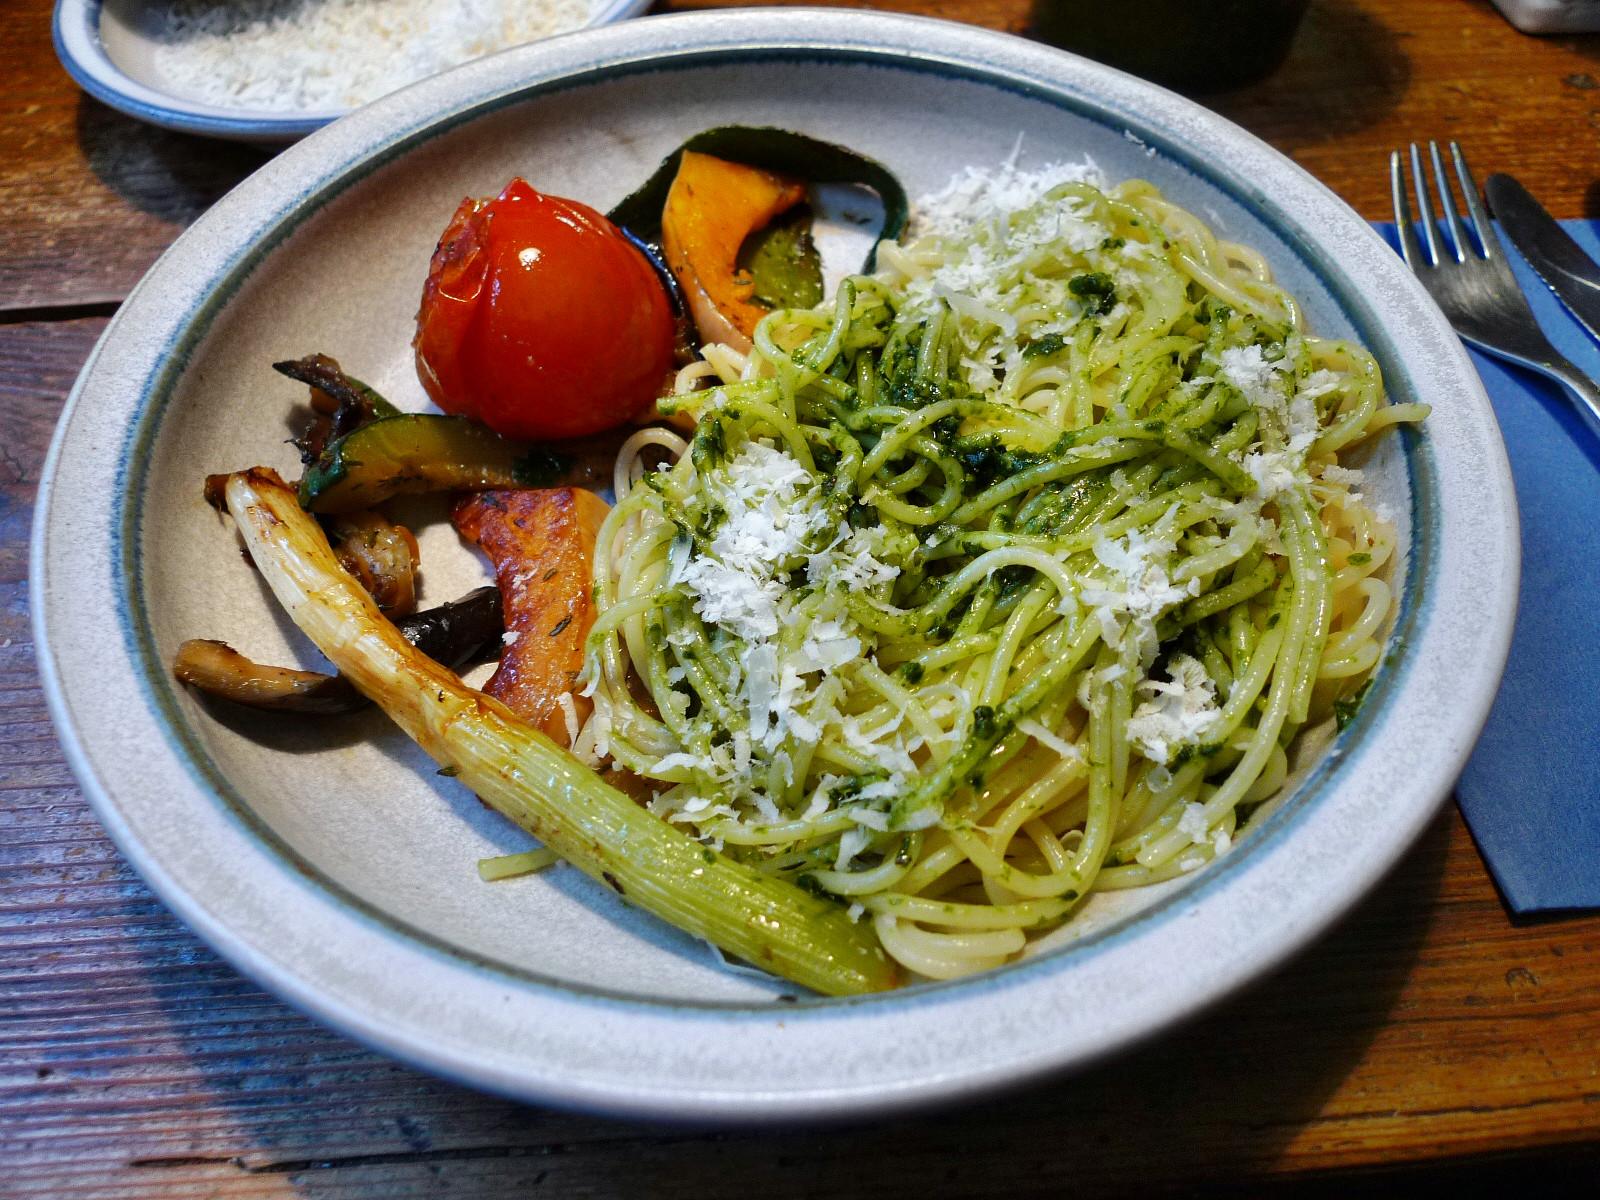 Nudeln mit Bärlauchpesto,Gemüse-4.12.14   (8a)